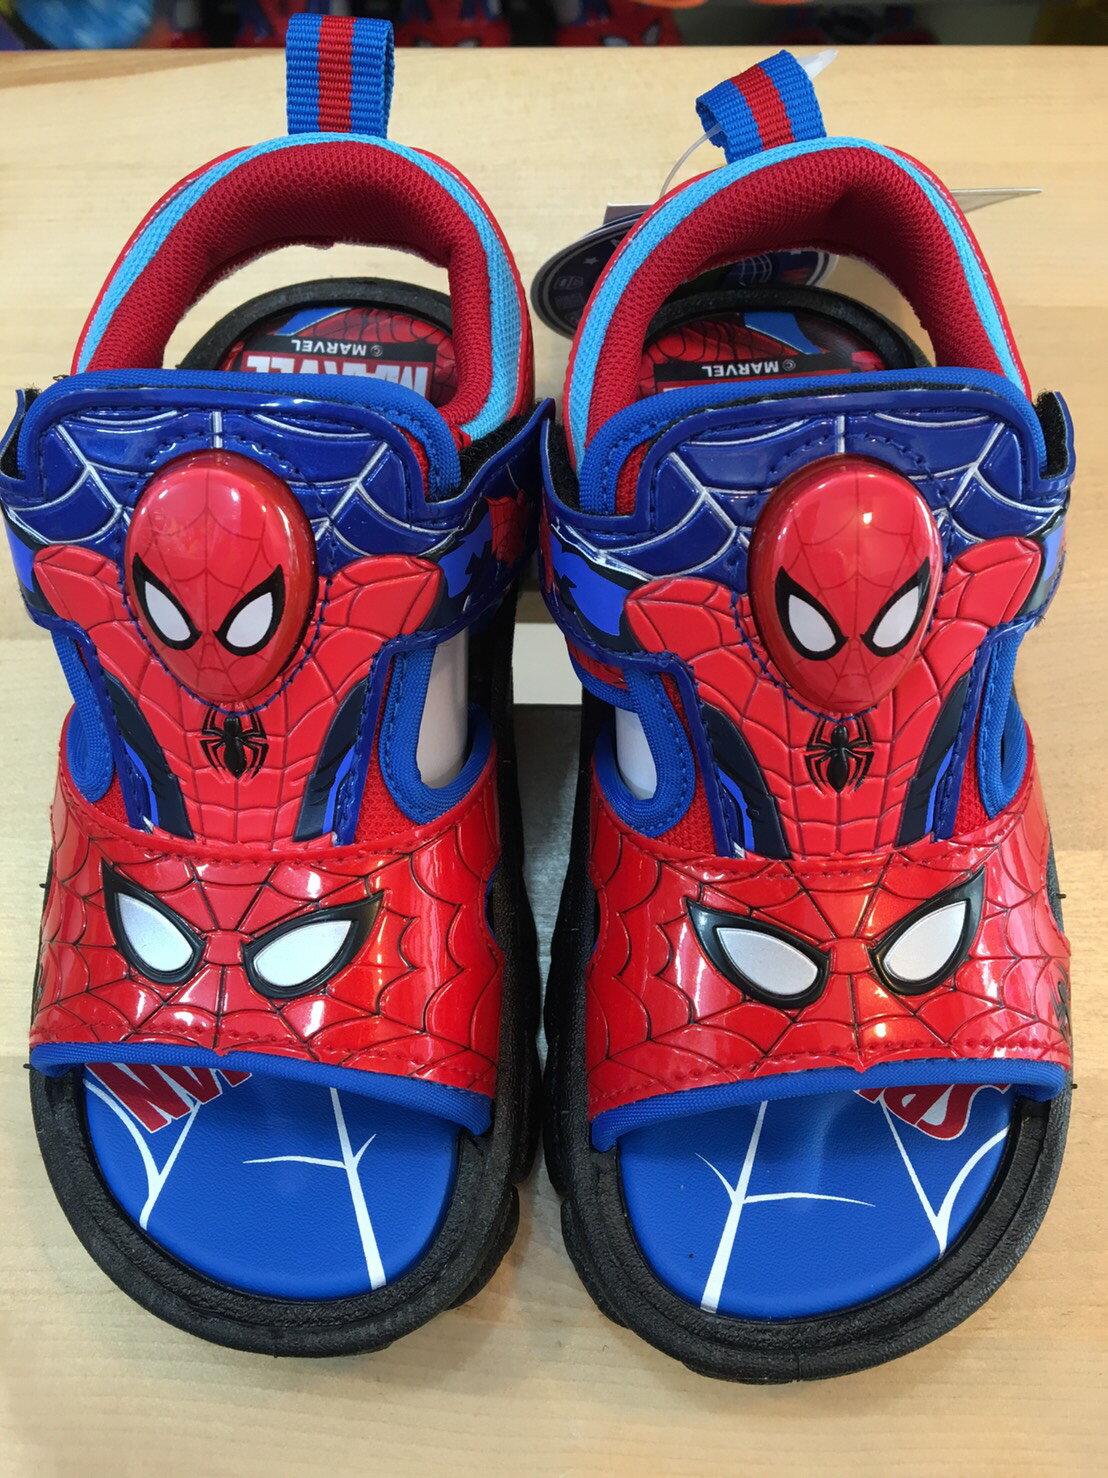 【禾宜精品】正版 蜘蛛人 Marvel 漫威 電燈涼鞋 18,19,20 台灣製造 SGS檢驗合格 童鞋